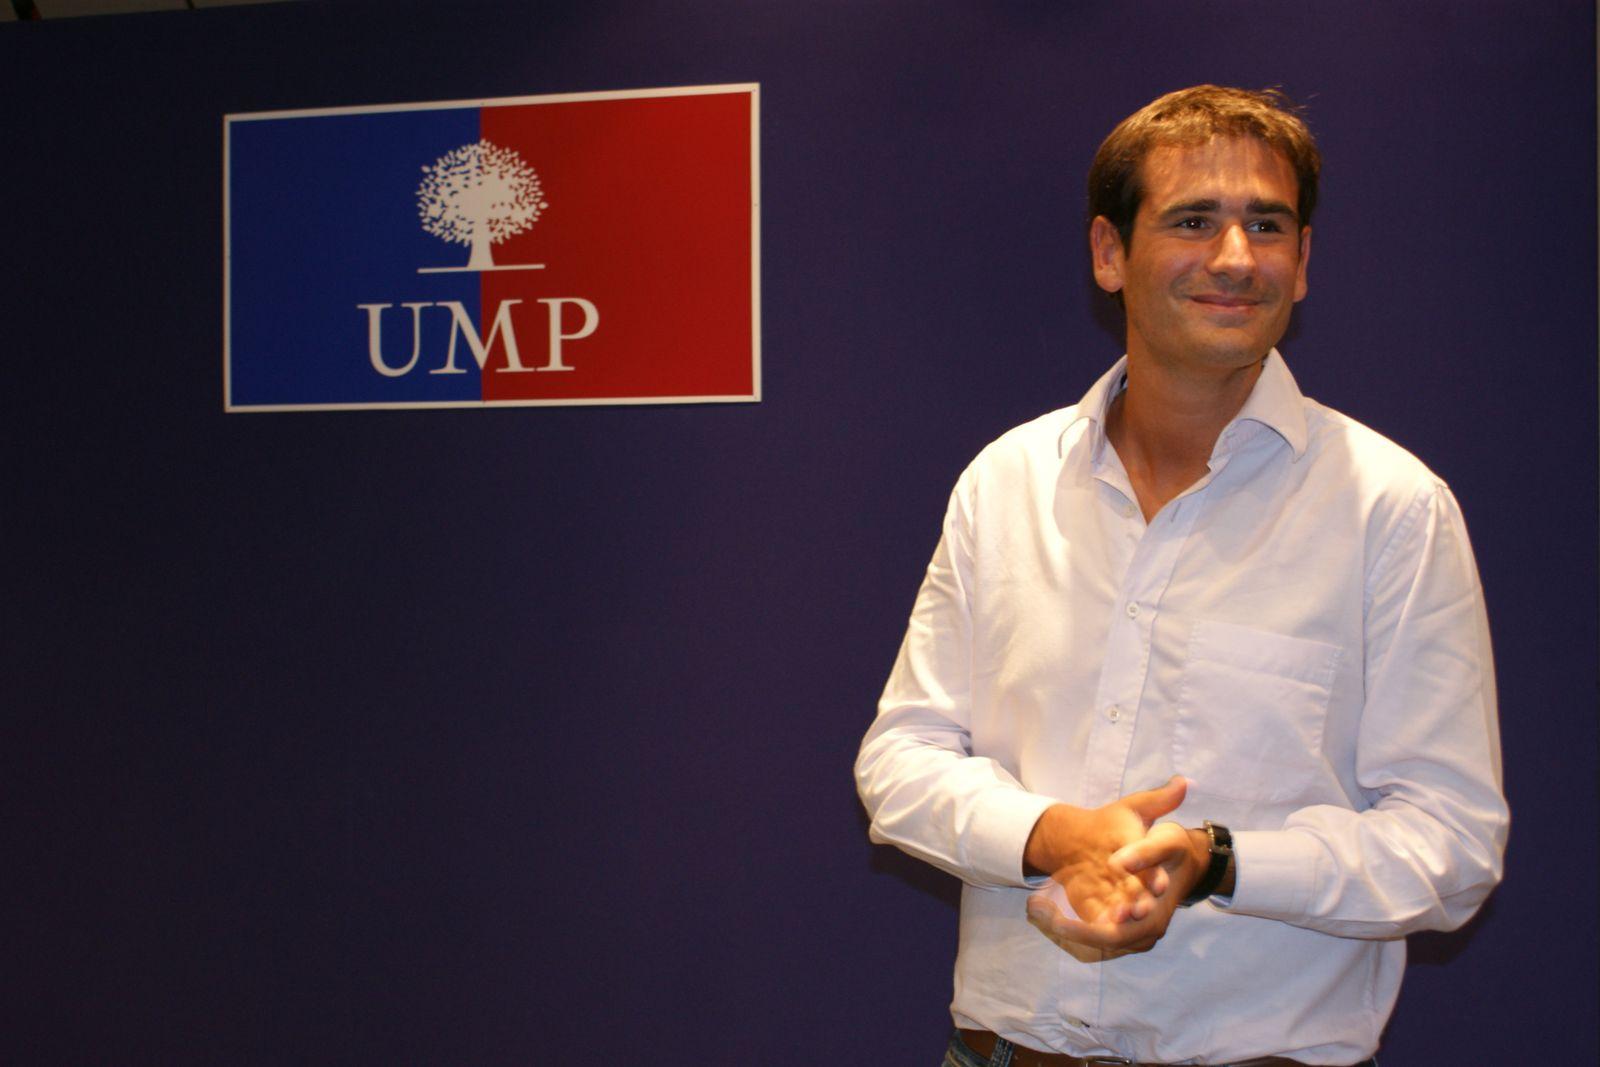 Baptiste Serena ou le caca nerveux d'un jeune populaire UMPiste